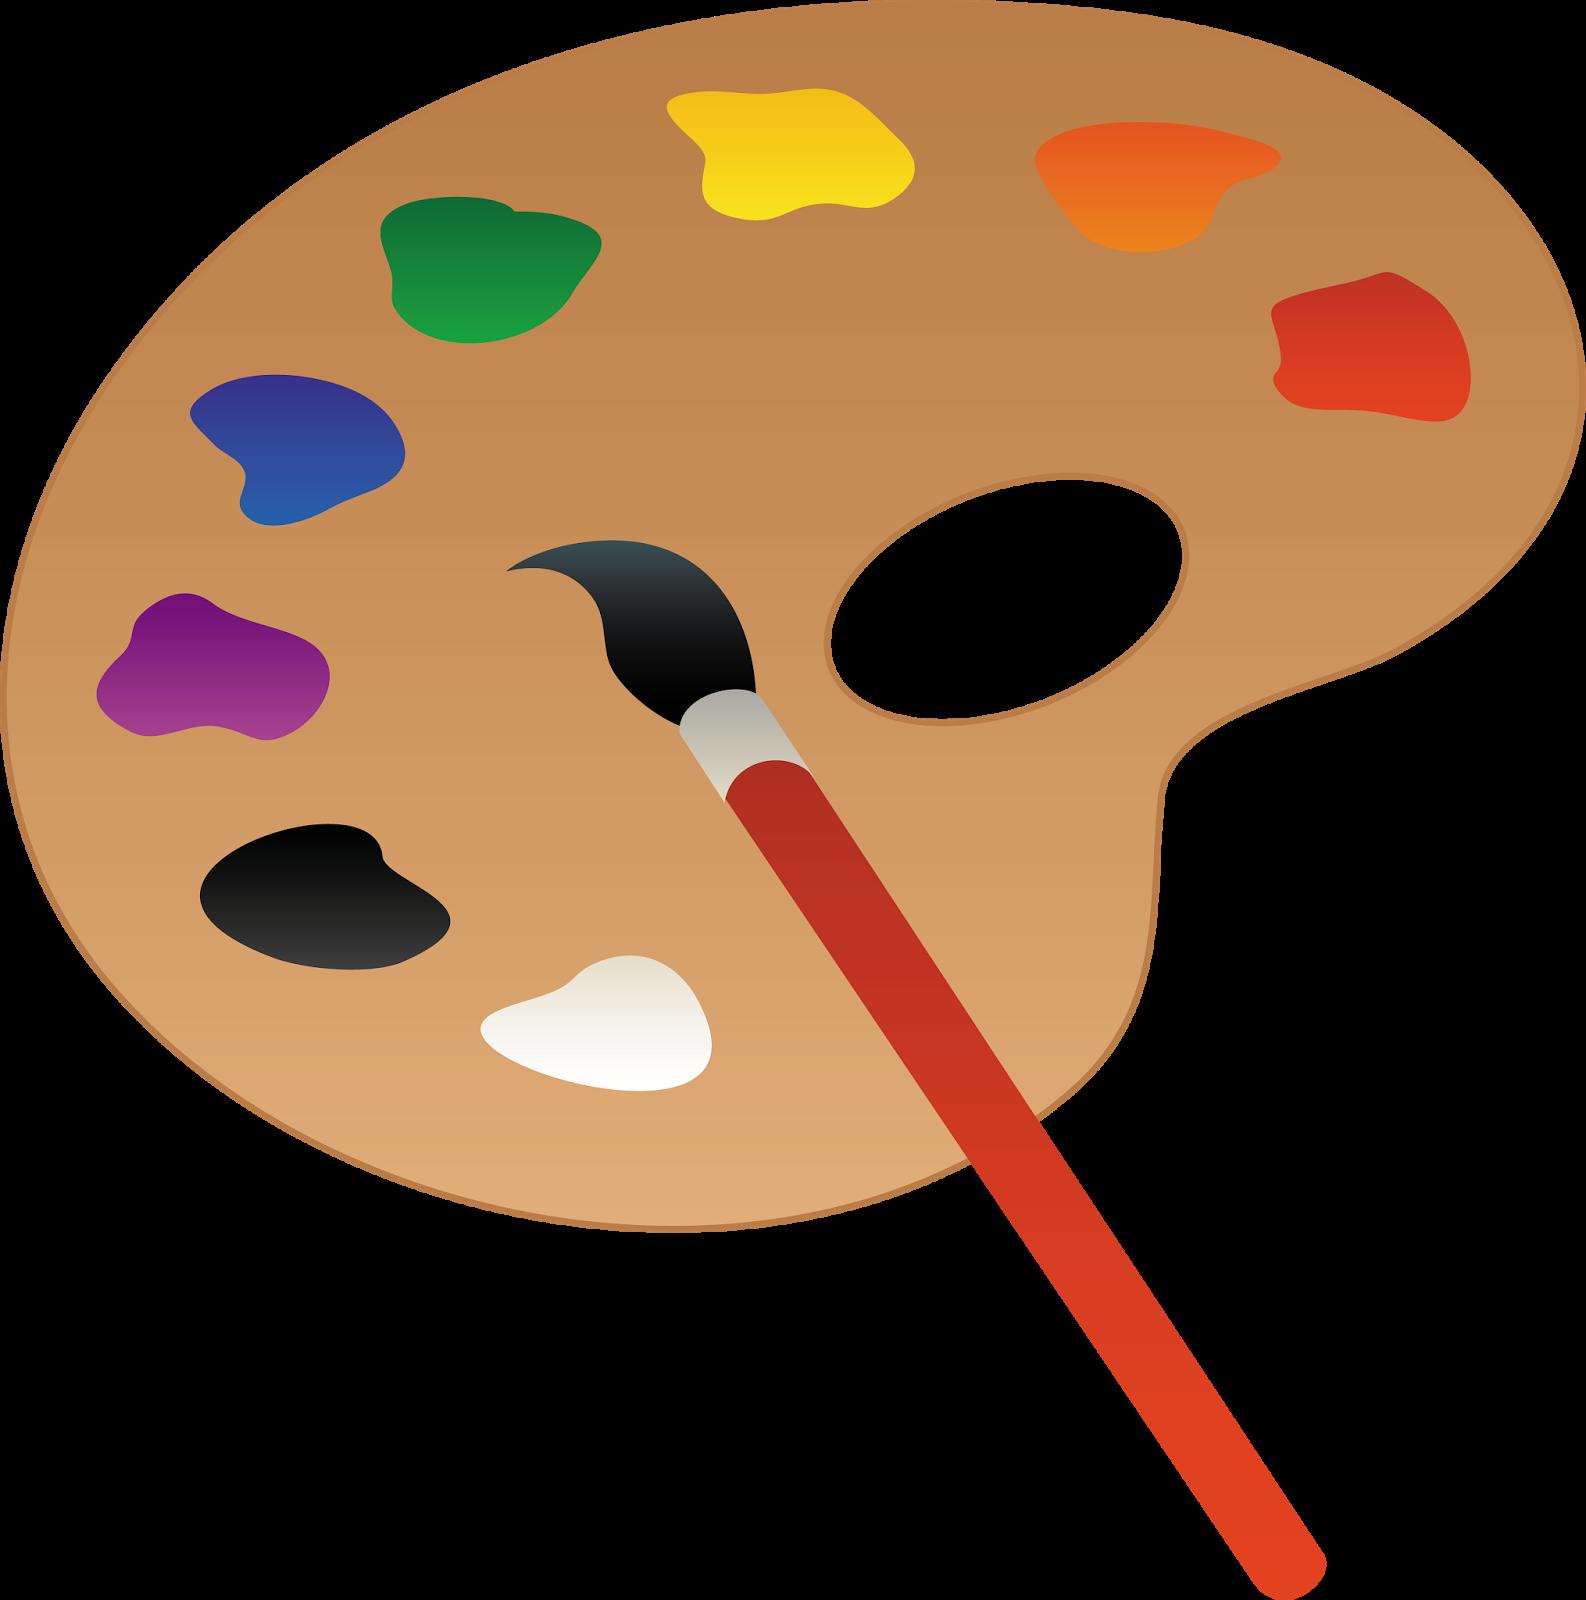 artist paint palette clipart panda free clipart images rh clipartpanda com art paint palette clipart artist paint palette clipart